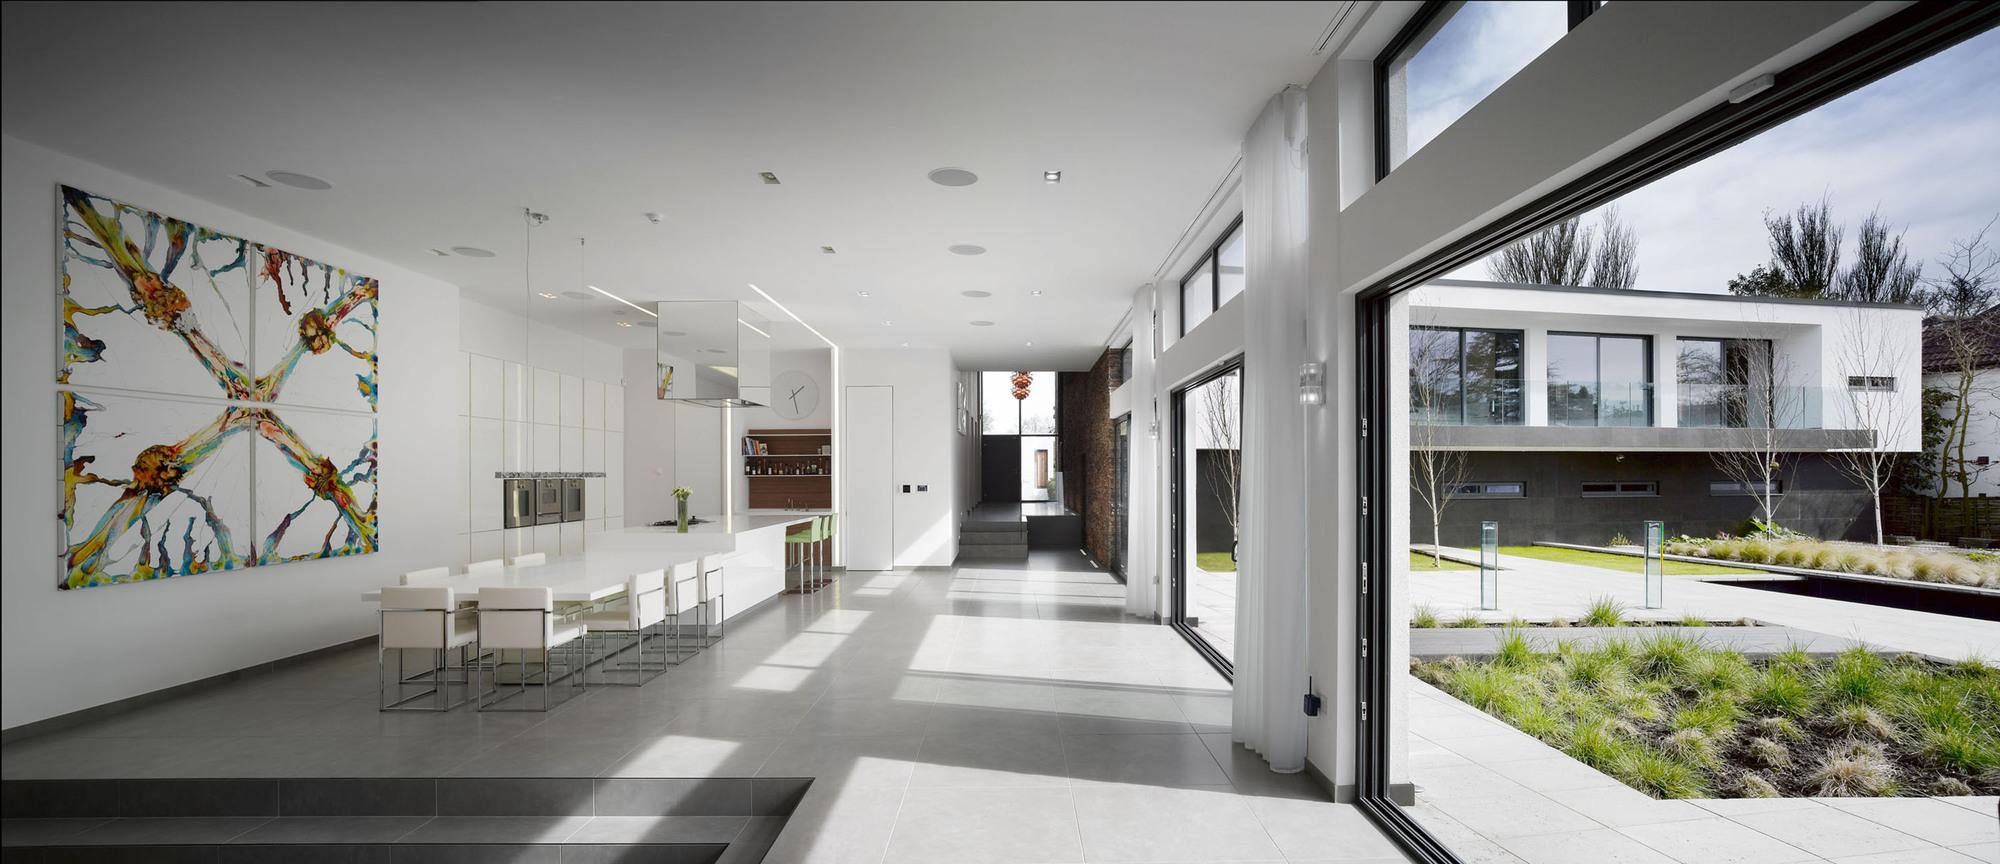 Minimaliste maison contemporaine l 39 arc for Architecture contemporaine